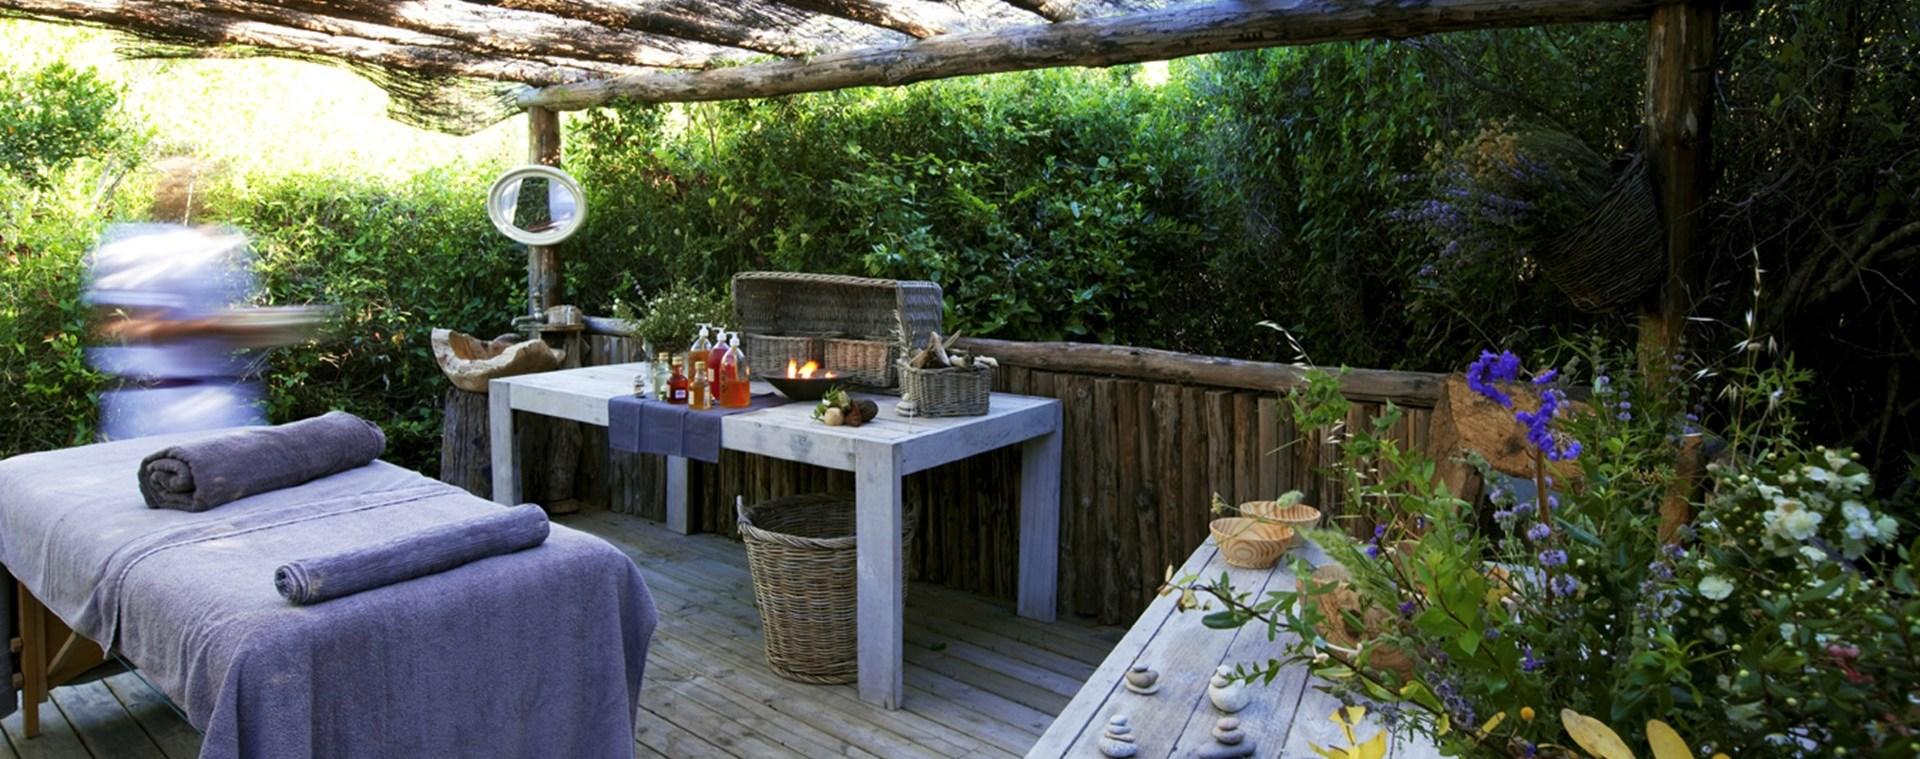 domaine-de-murtoli-spa-terrace